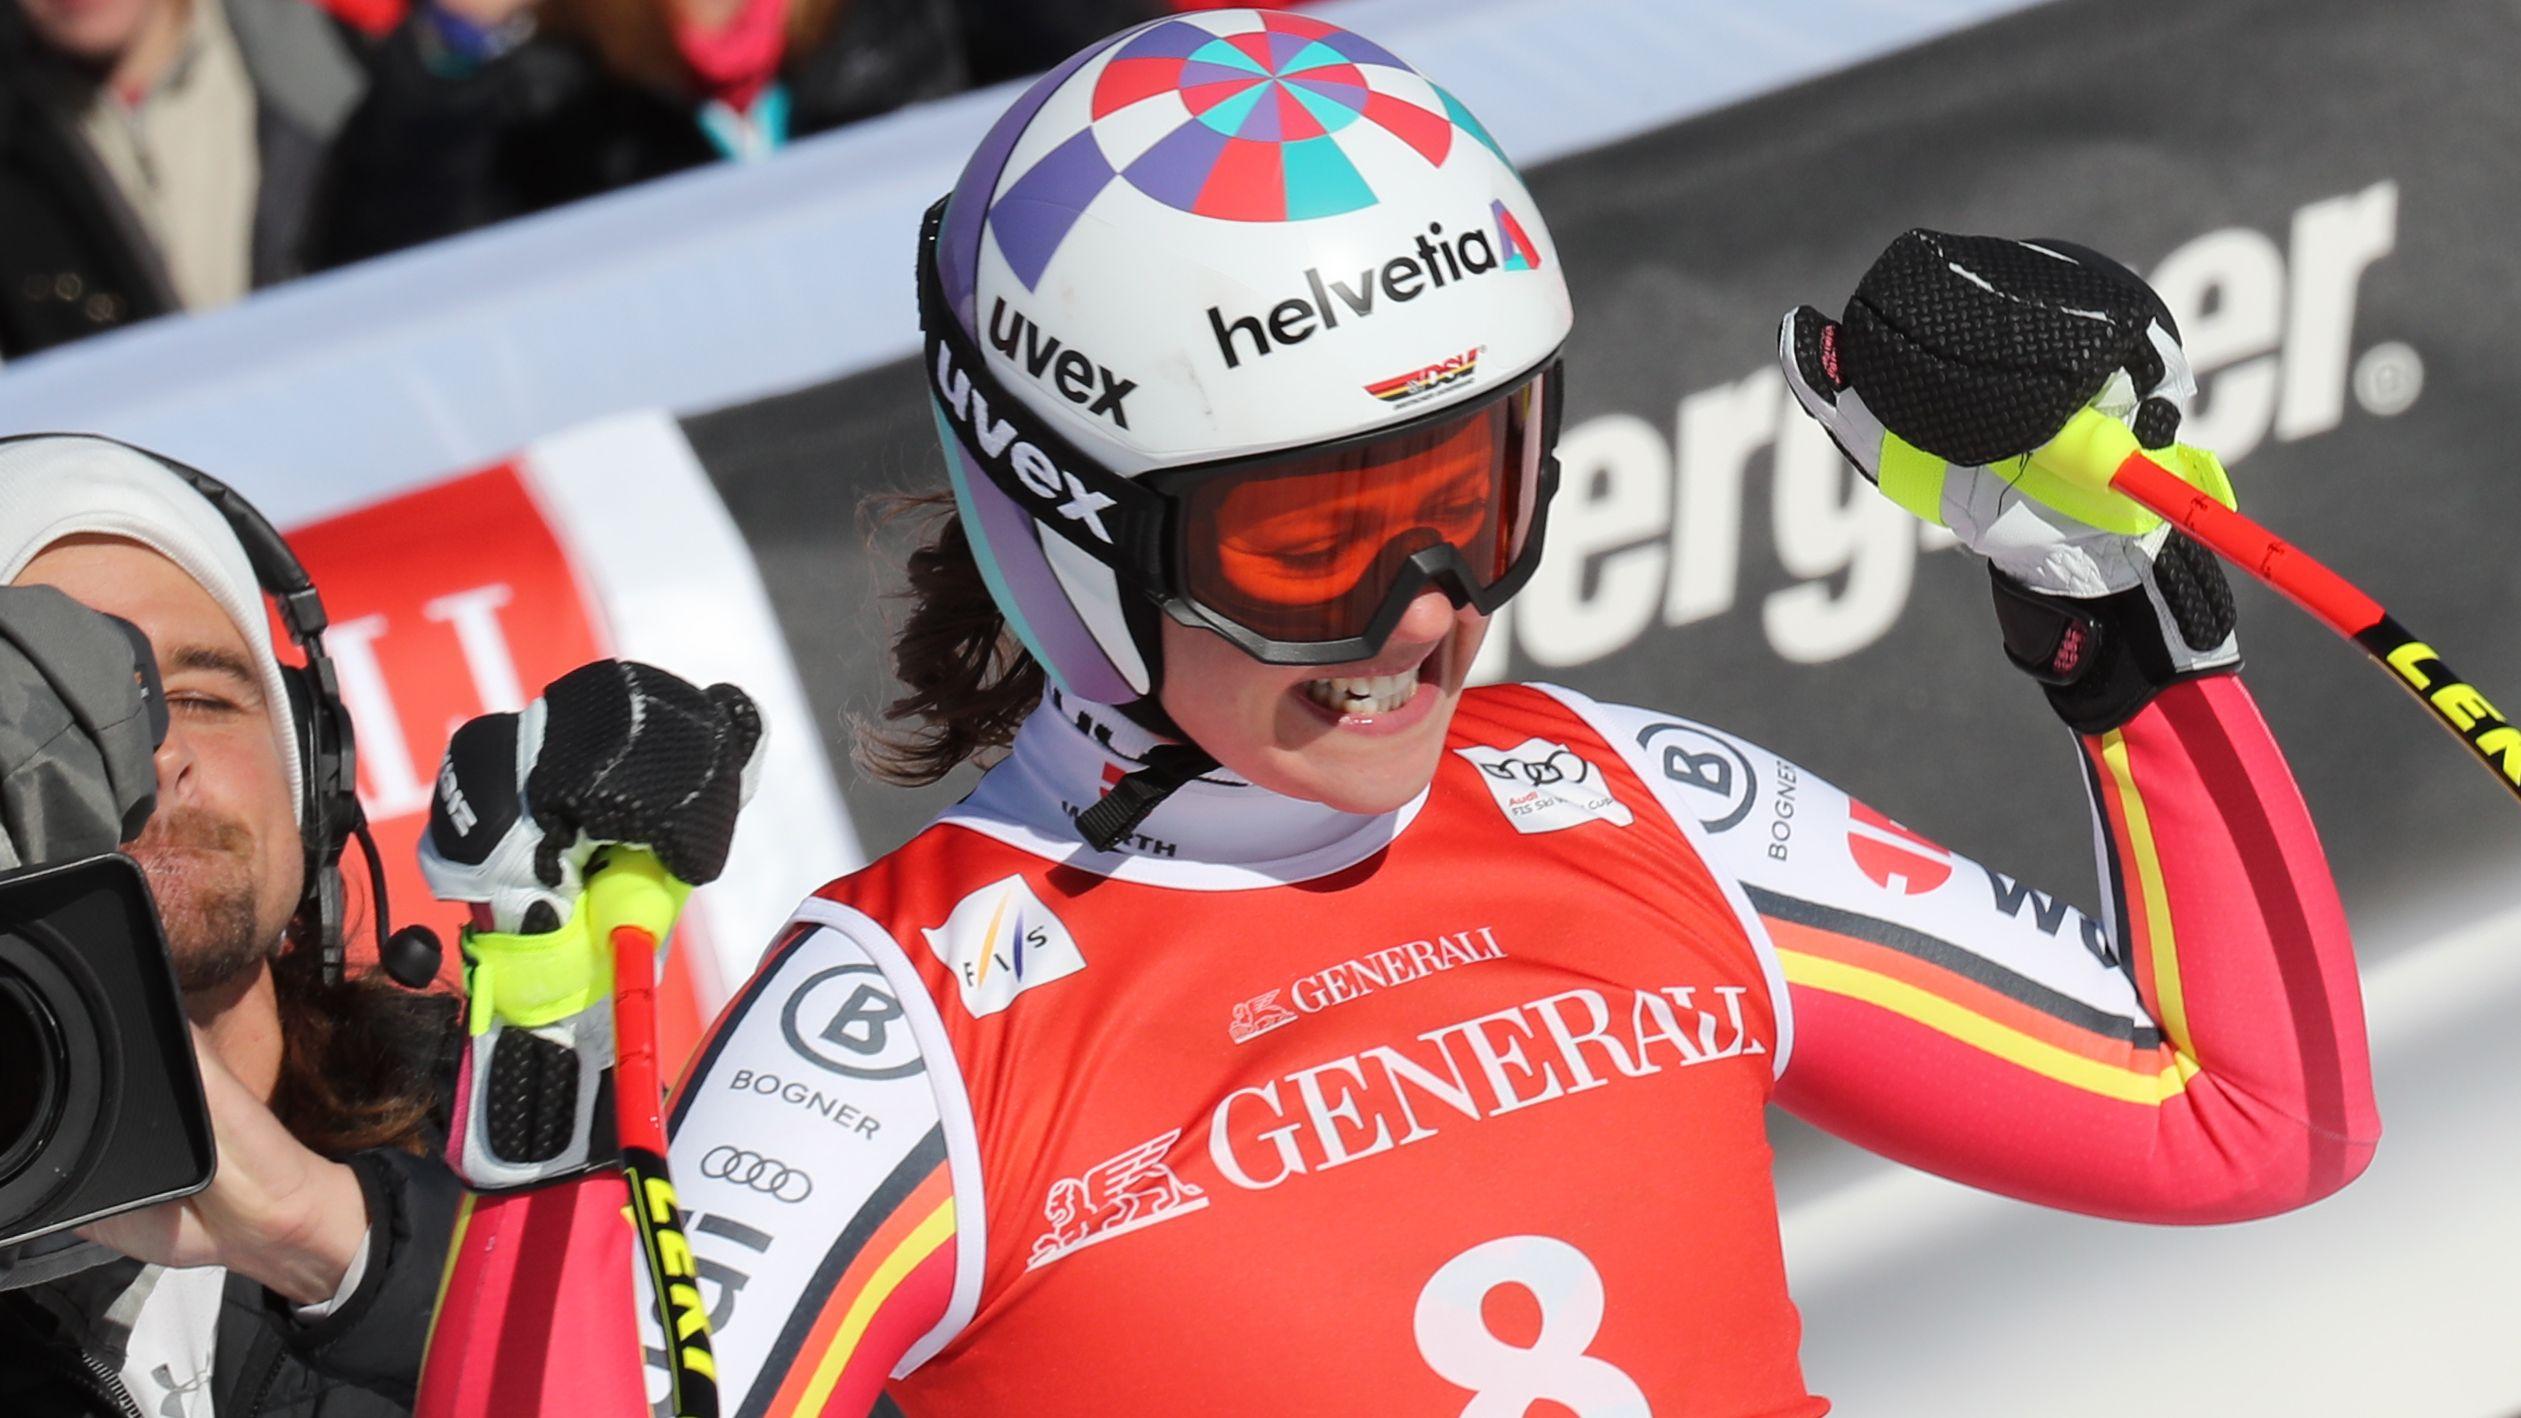 Viktoria Rebensburg siegt in Garmisch-Partenkirchen.